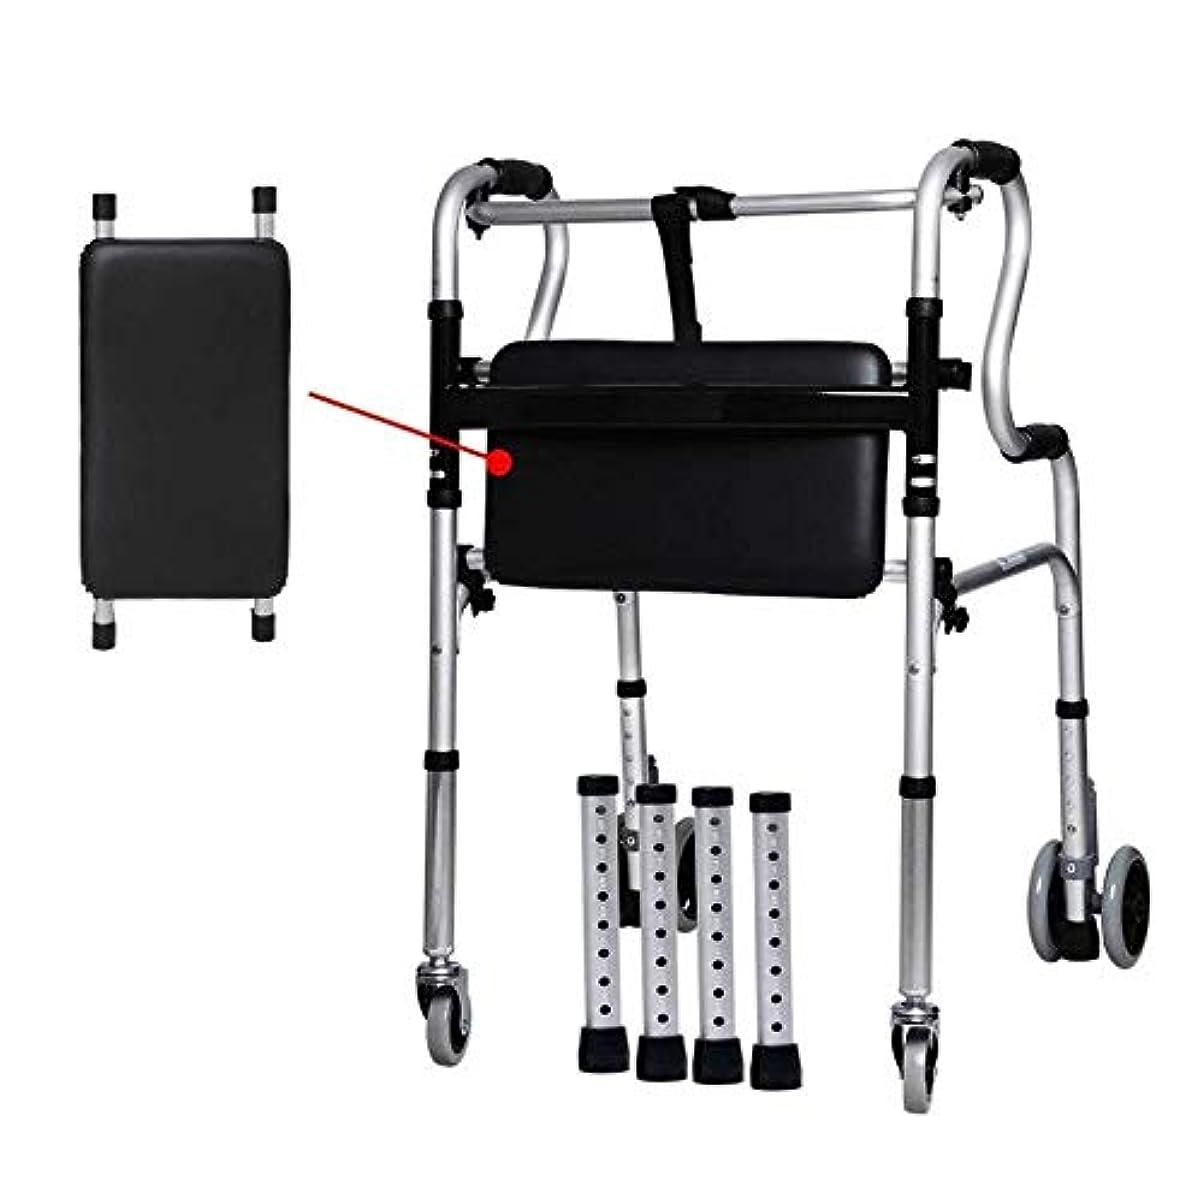 炭水化物ウォーターフロント暴行車輪が付いている折る歩行者、不具の高齢者のためのロックできるブレーキが付いている軽いアルミ合金4輪歩行者